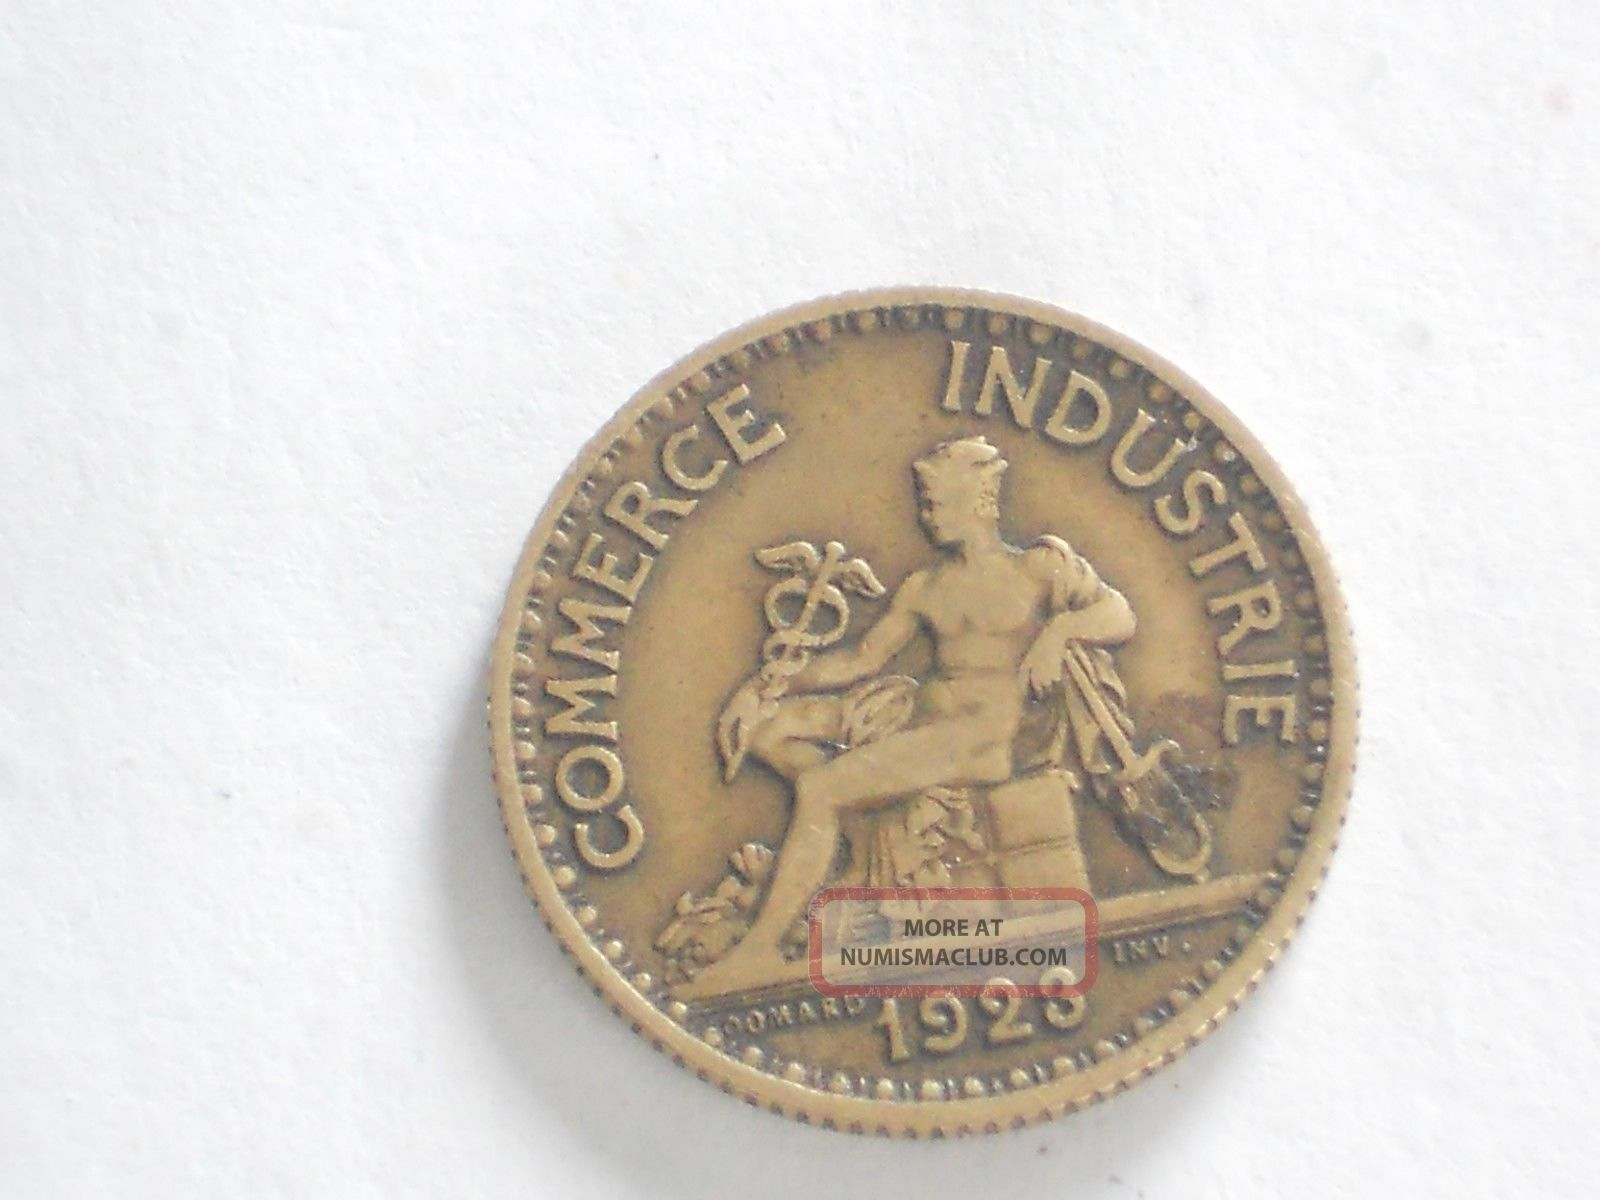 1923 1 bon pour franc chambres de commerce de france ForBon Pour 1 Franc Chambre De Commerce